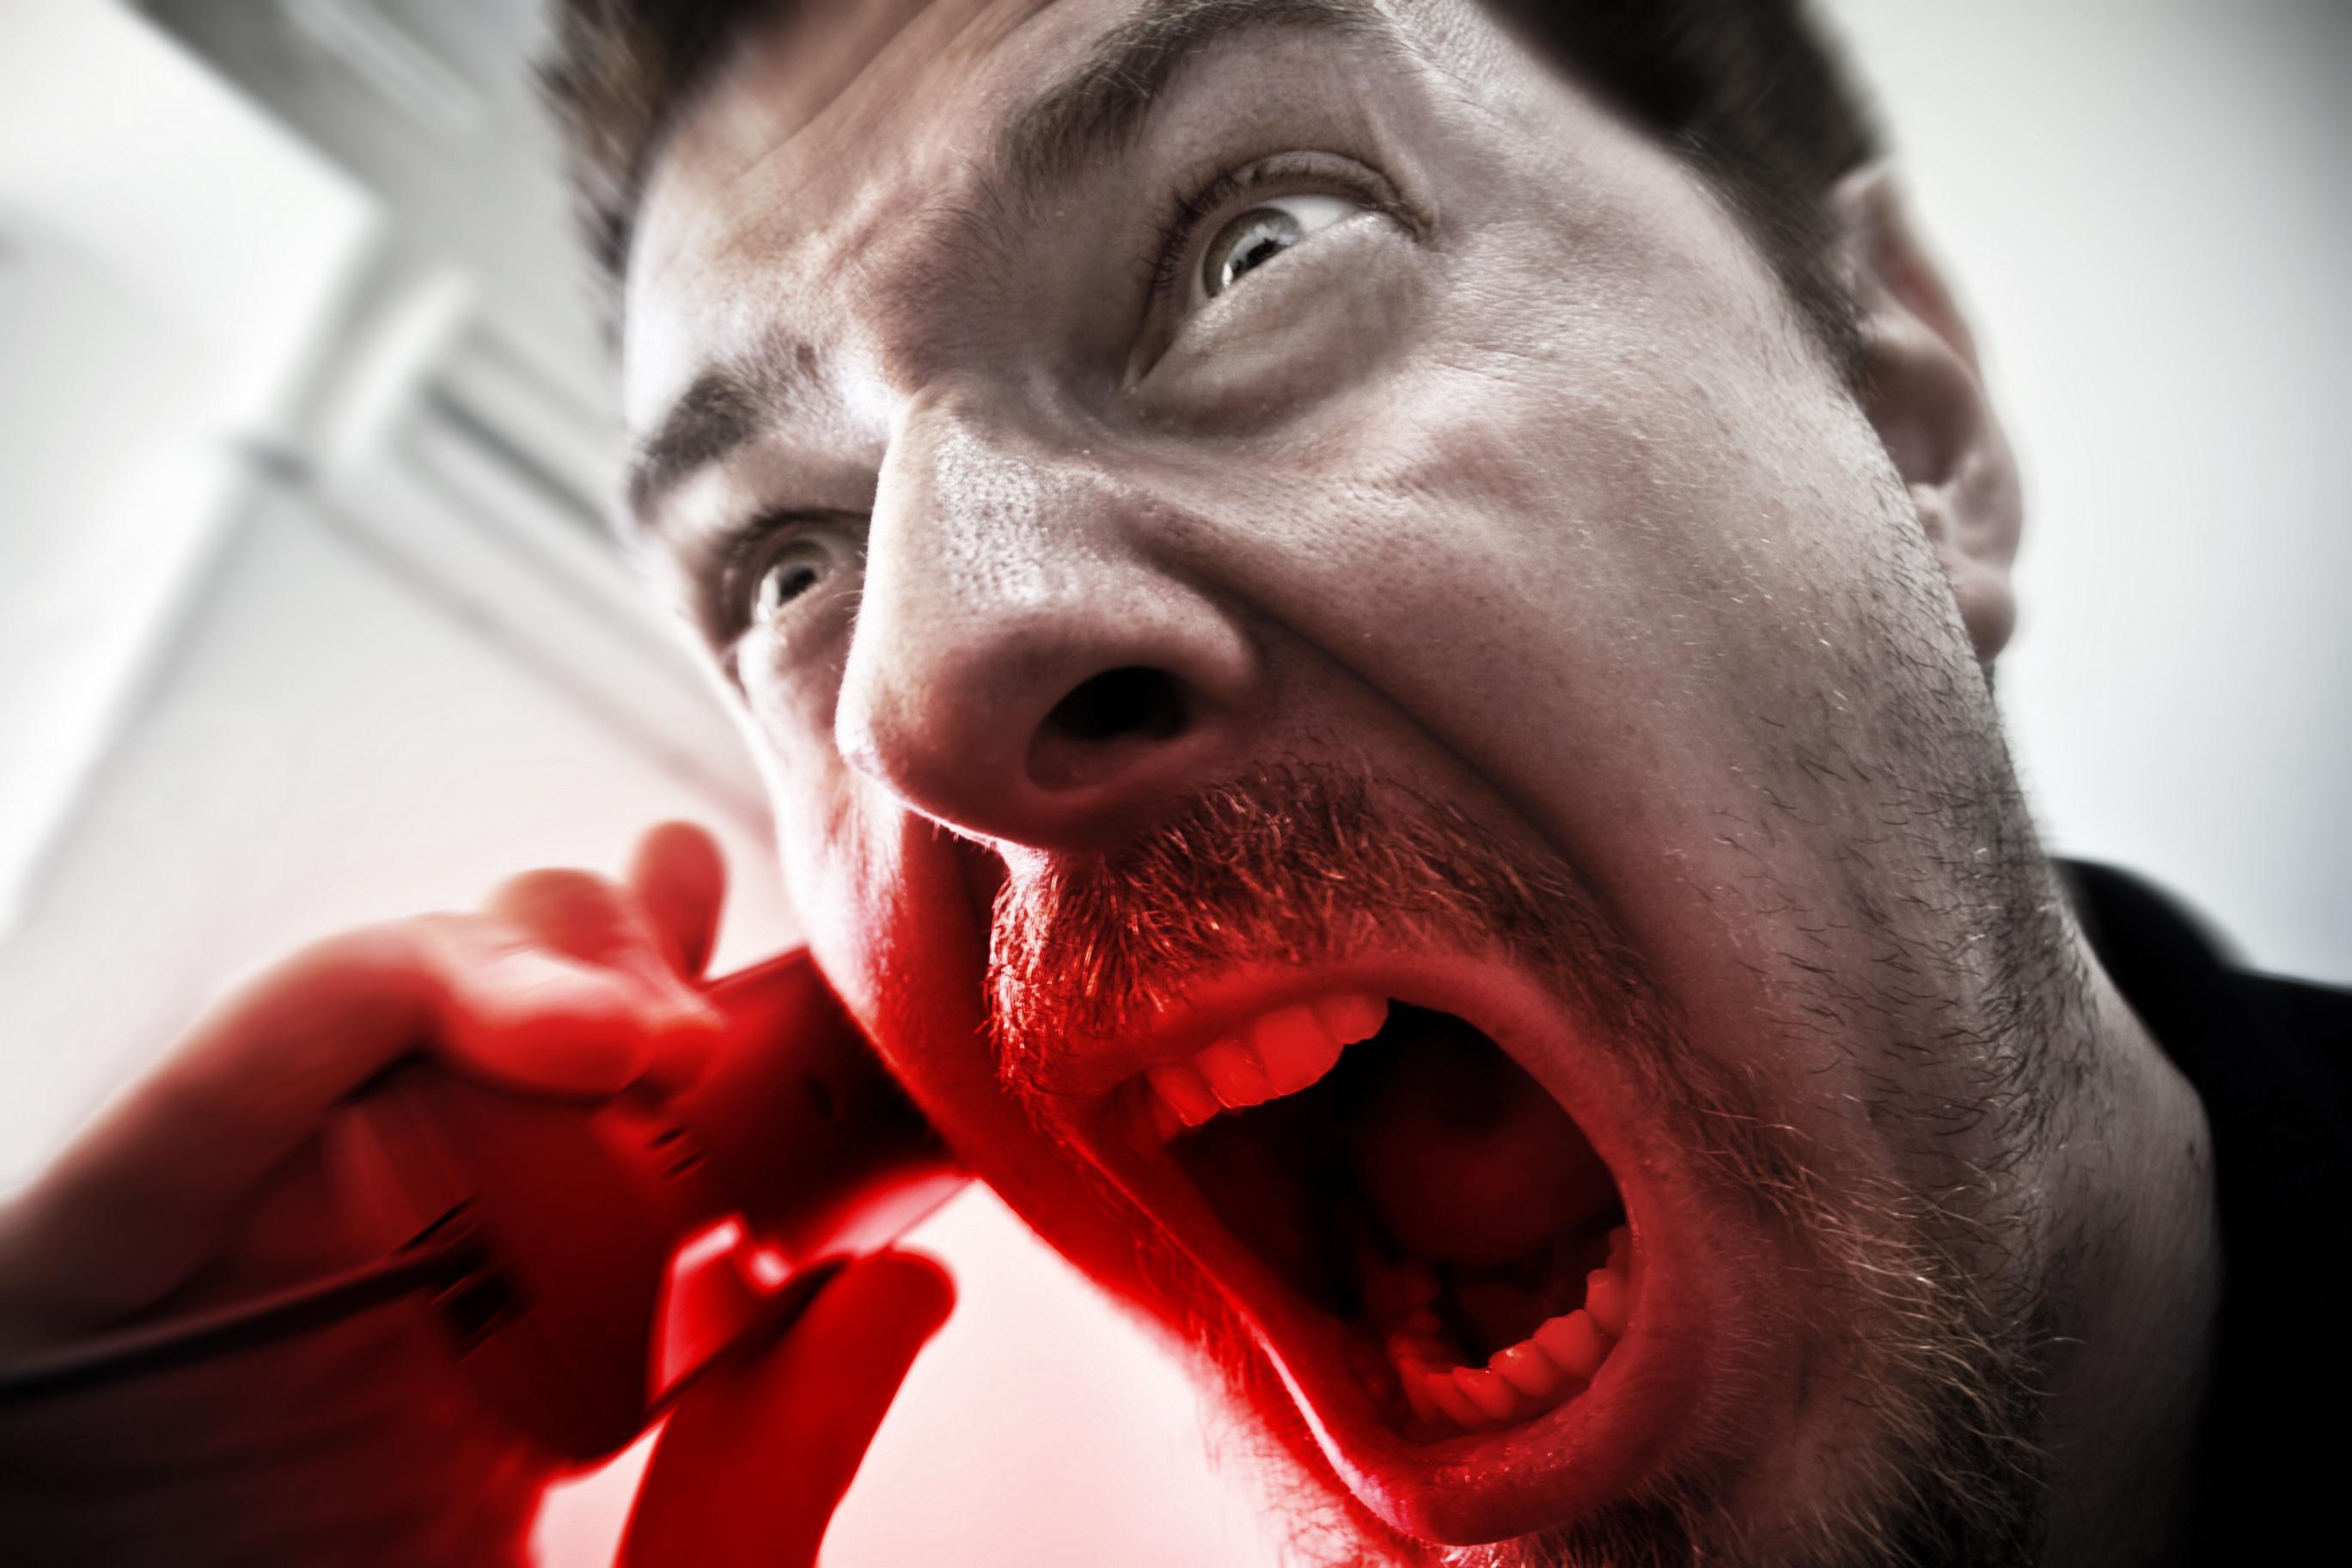 картинки с кричащим мужиком посевах зерновых